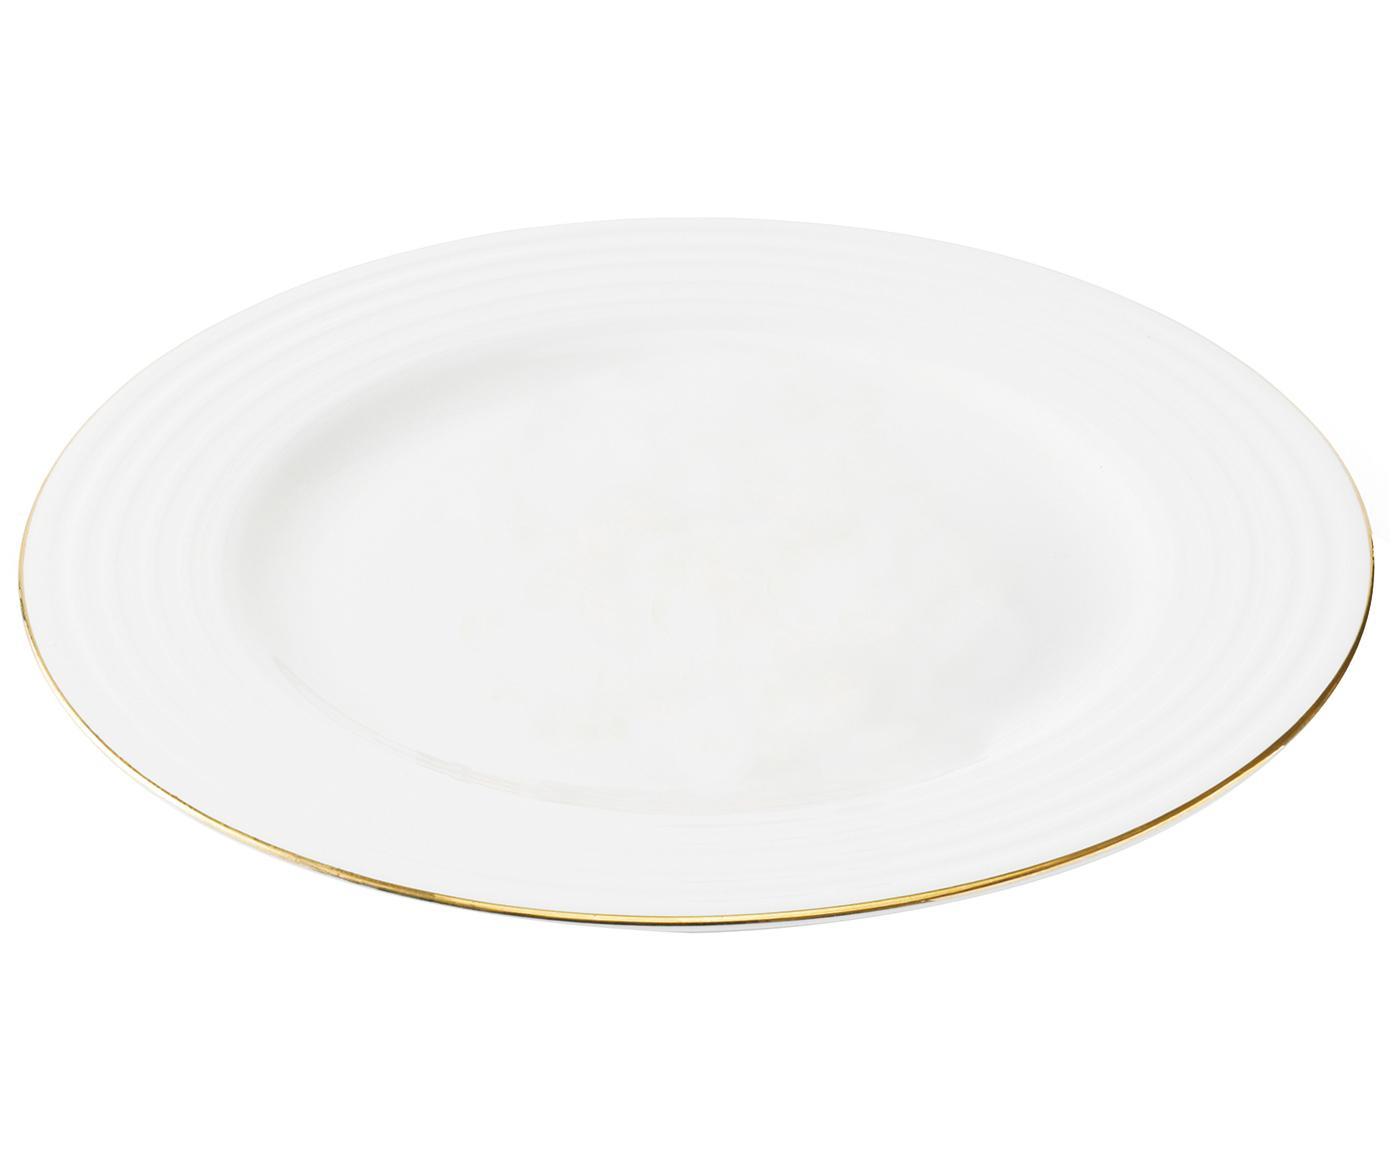 Piatto da colazione Cobald 4 pz, Porcellana, Bianco, dorato, Ø 23 cm